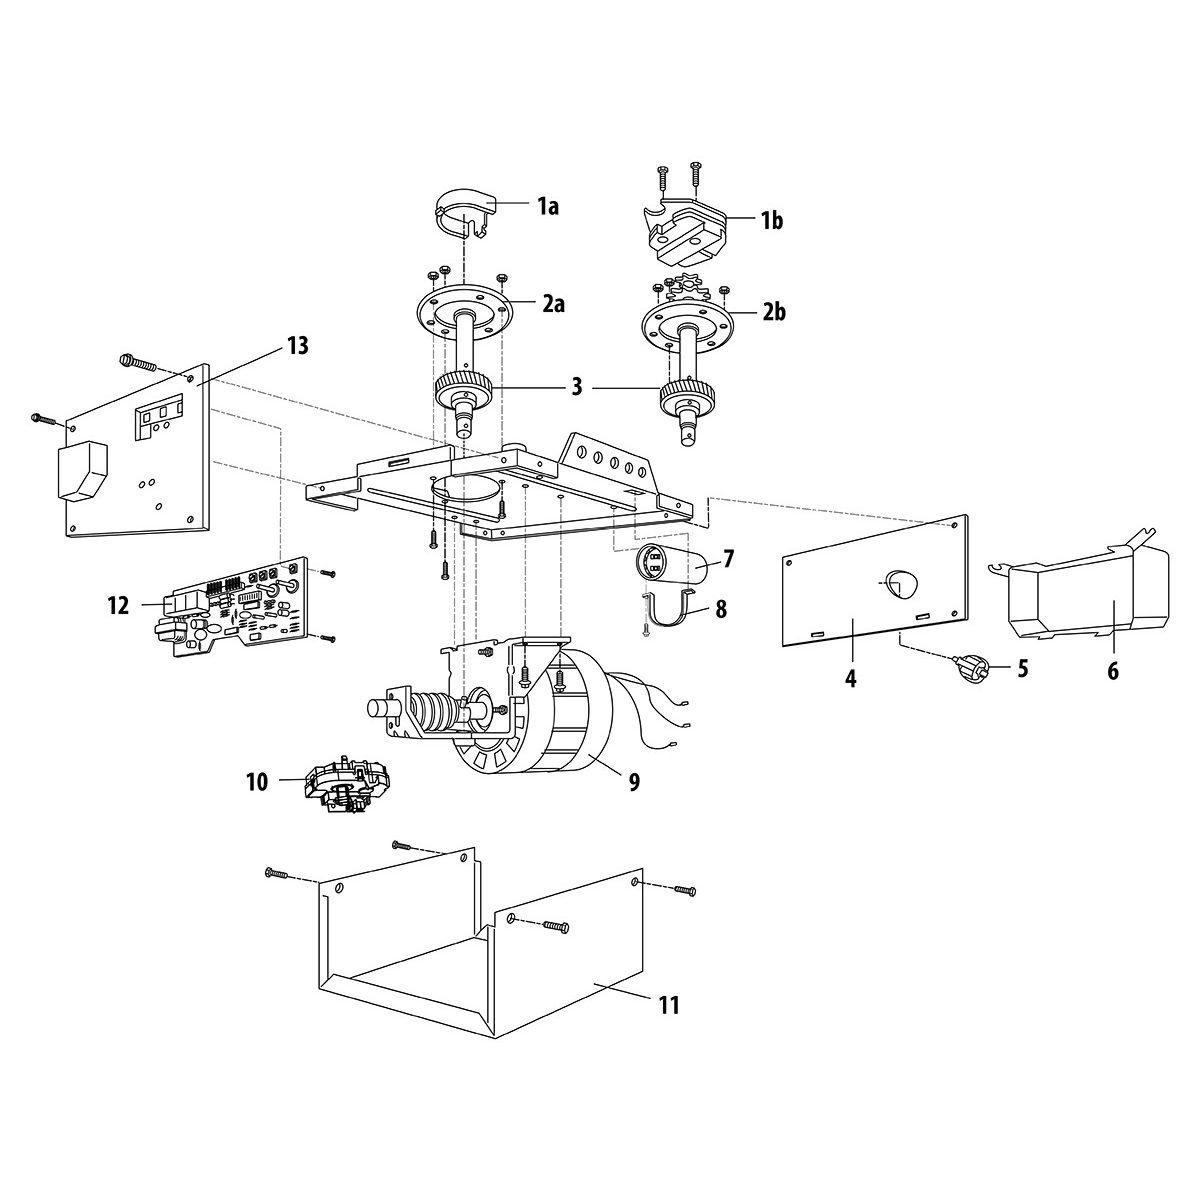 Wiring Diagram PDF: 12 Volt Generator Wiring Diagram Chris